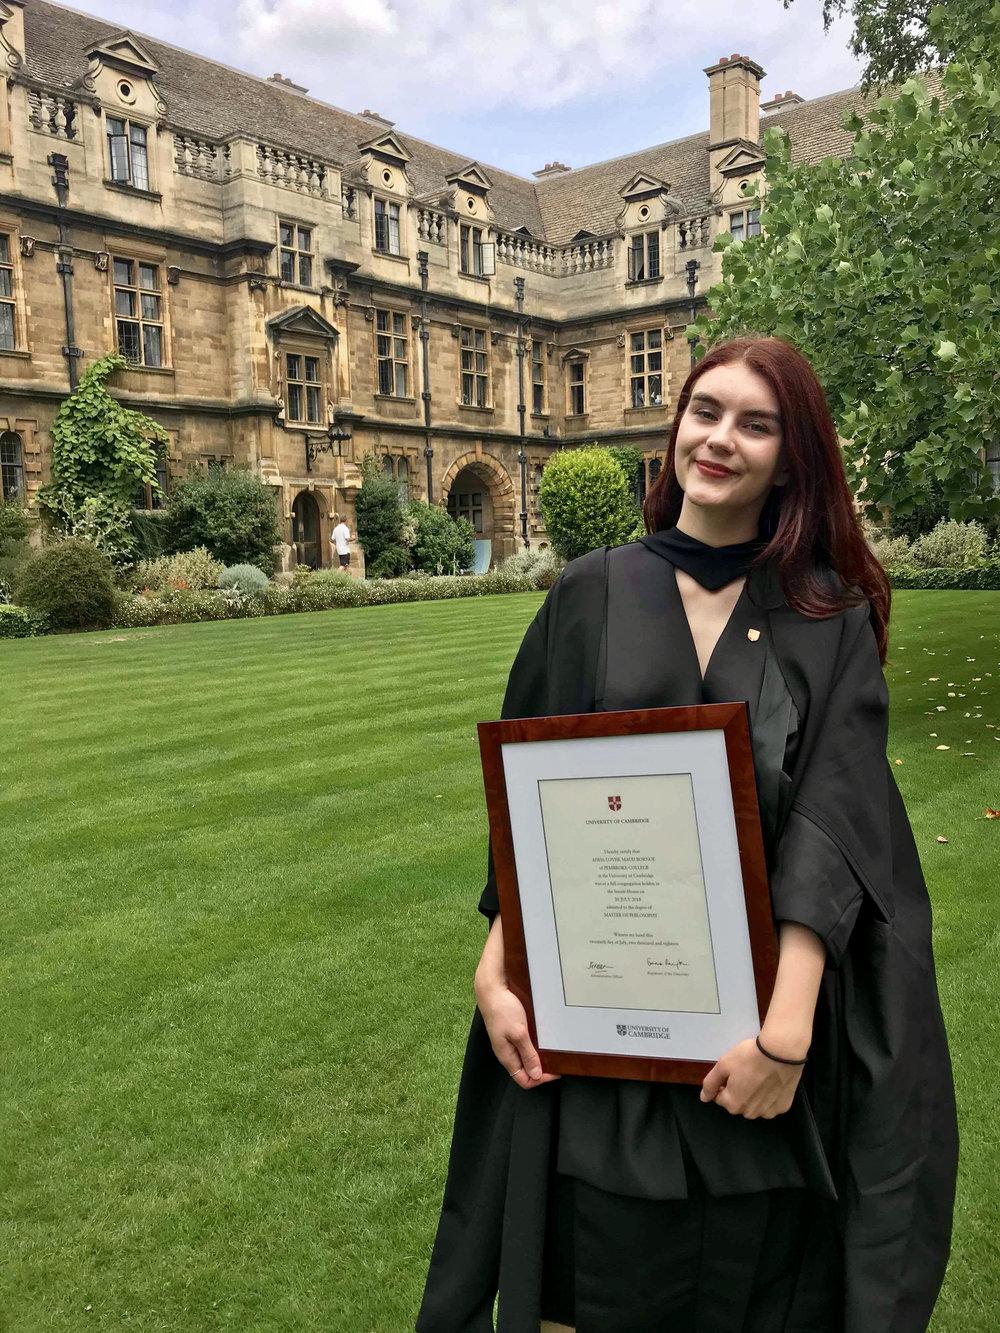 Aisha på graduation i Cambridge, Juli 2018. Etter et år i Christie's fortsetter hun på en PhD til høsten. Foto: privat